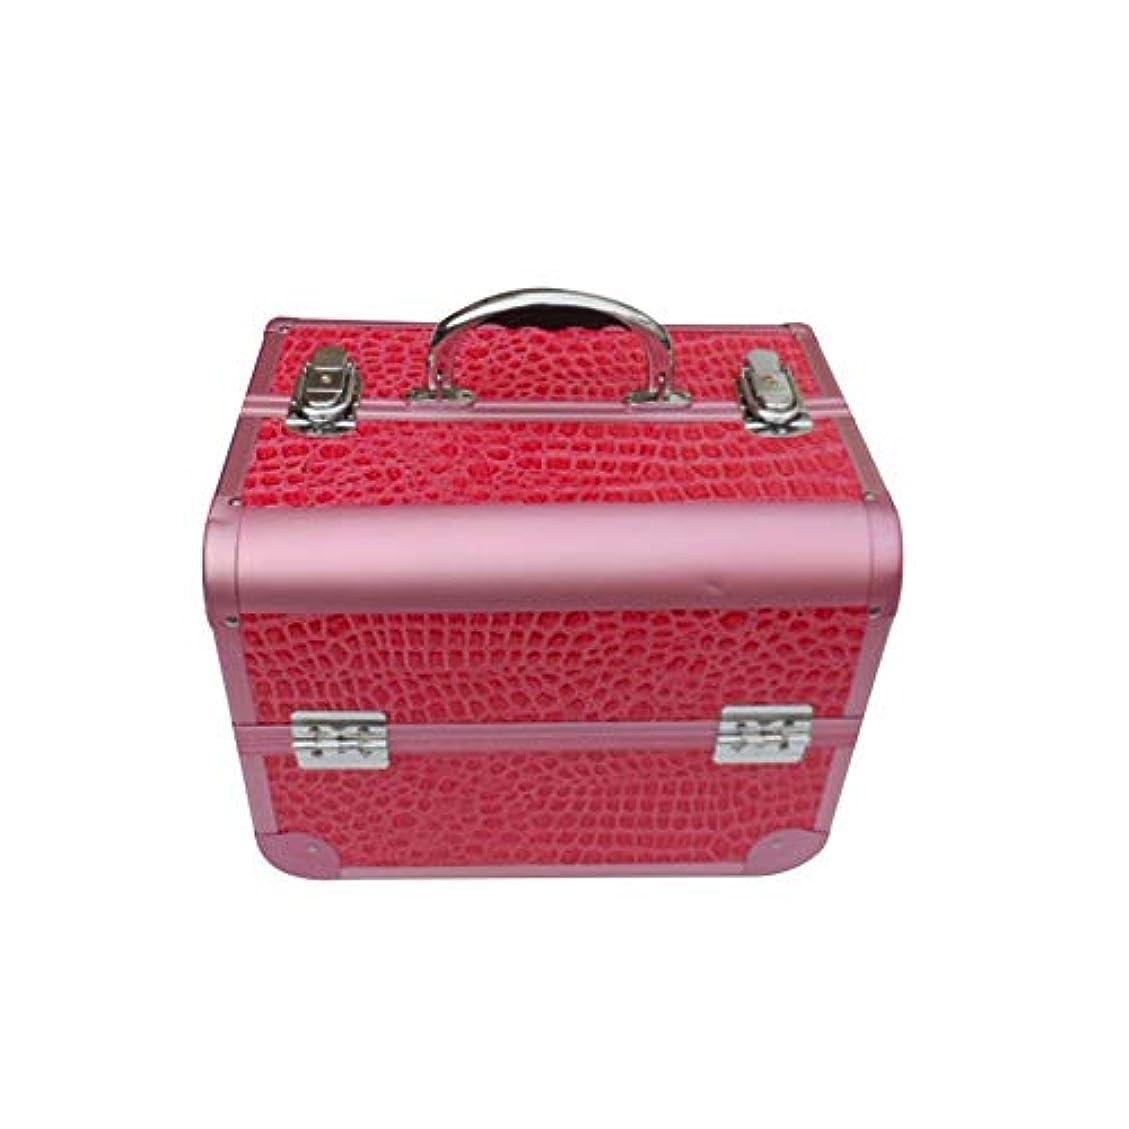 ラフト取る改修化粧オーガナイザーバッグ 女の子の女性のための美容メイクアップのための大容量ポータブル化粧品ケース旅行と拡張トレイ付きロック付きデイリーストレージ 化粧品ケース